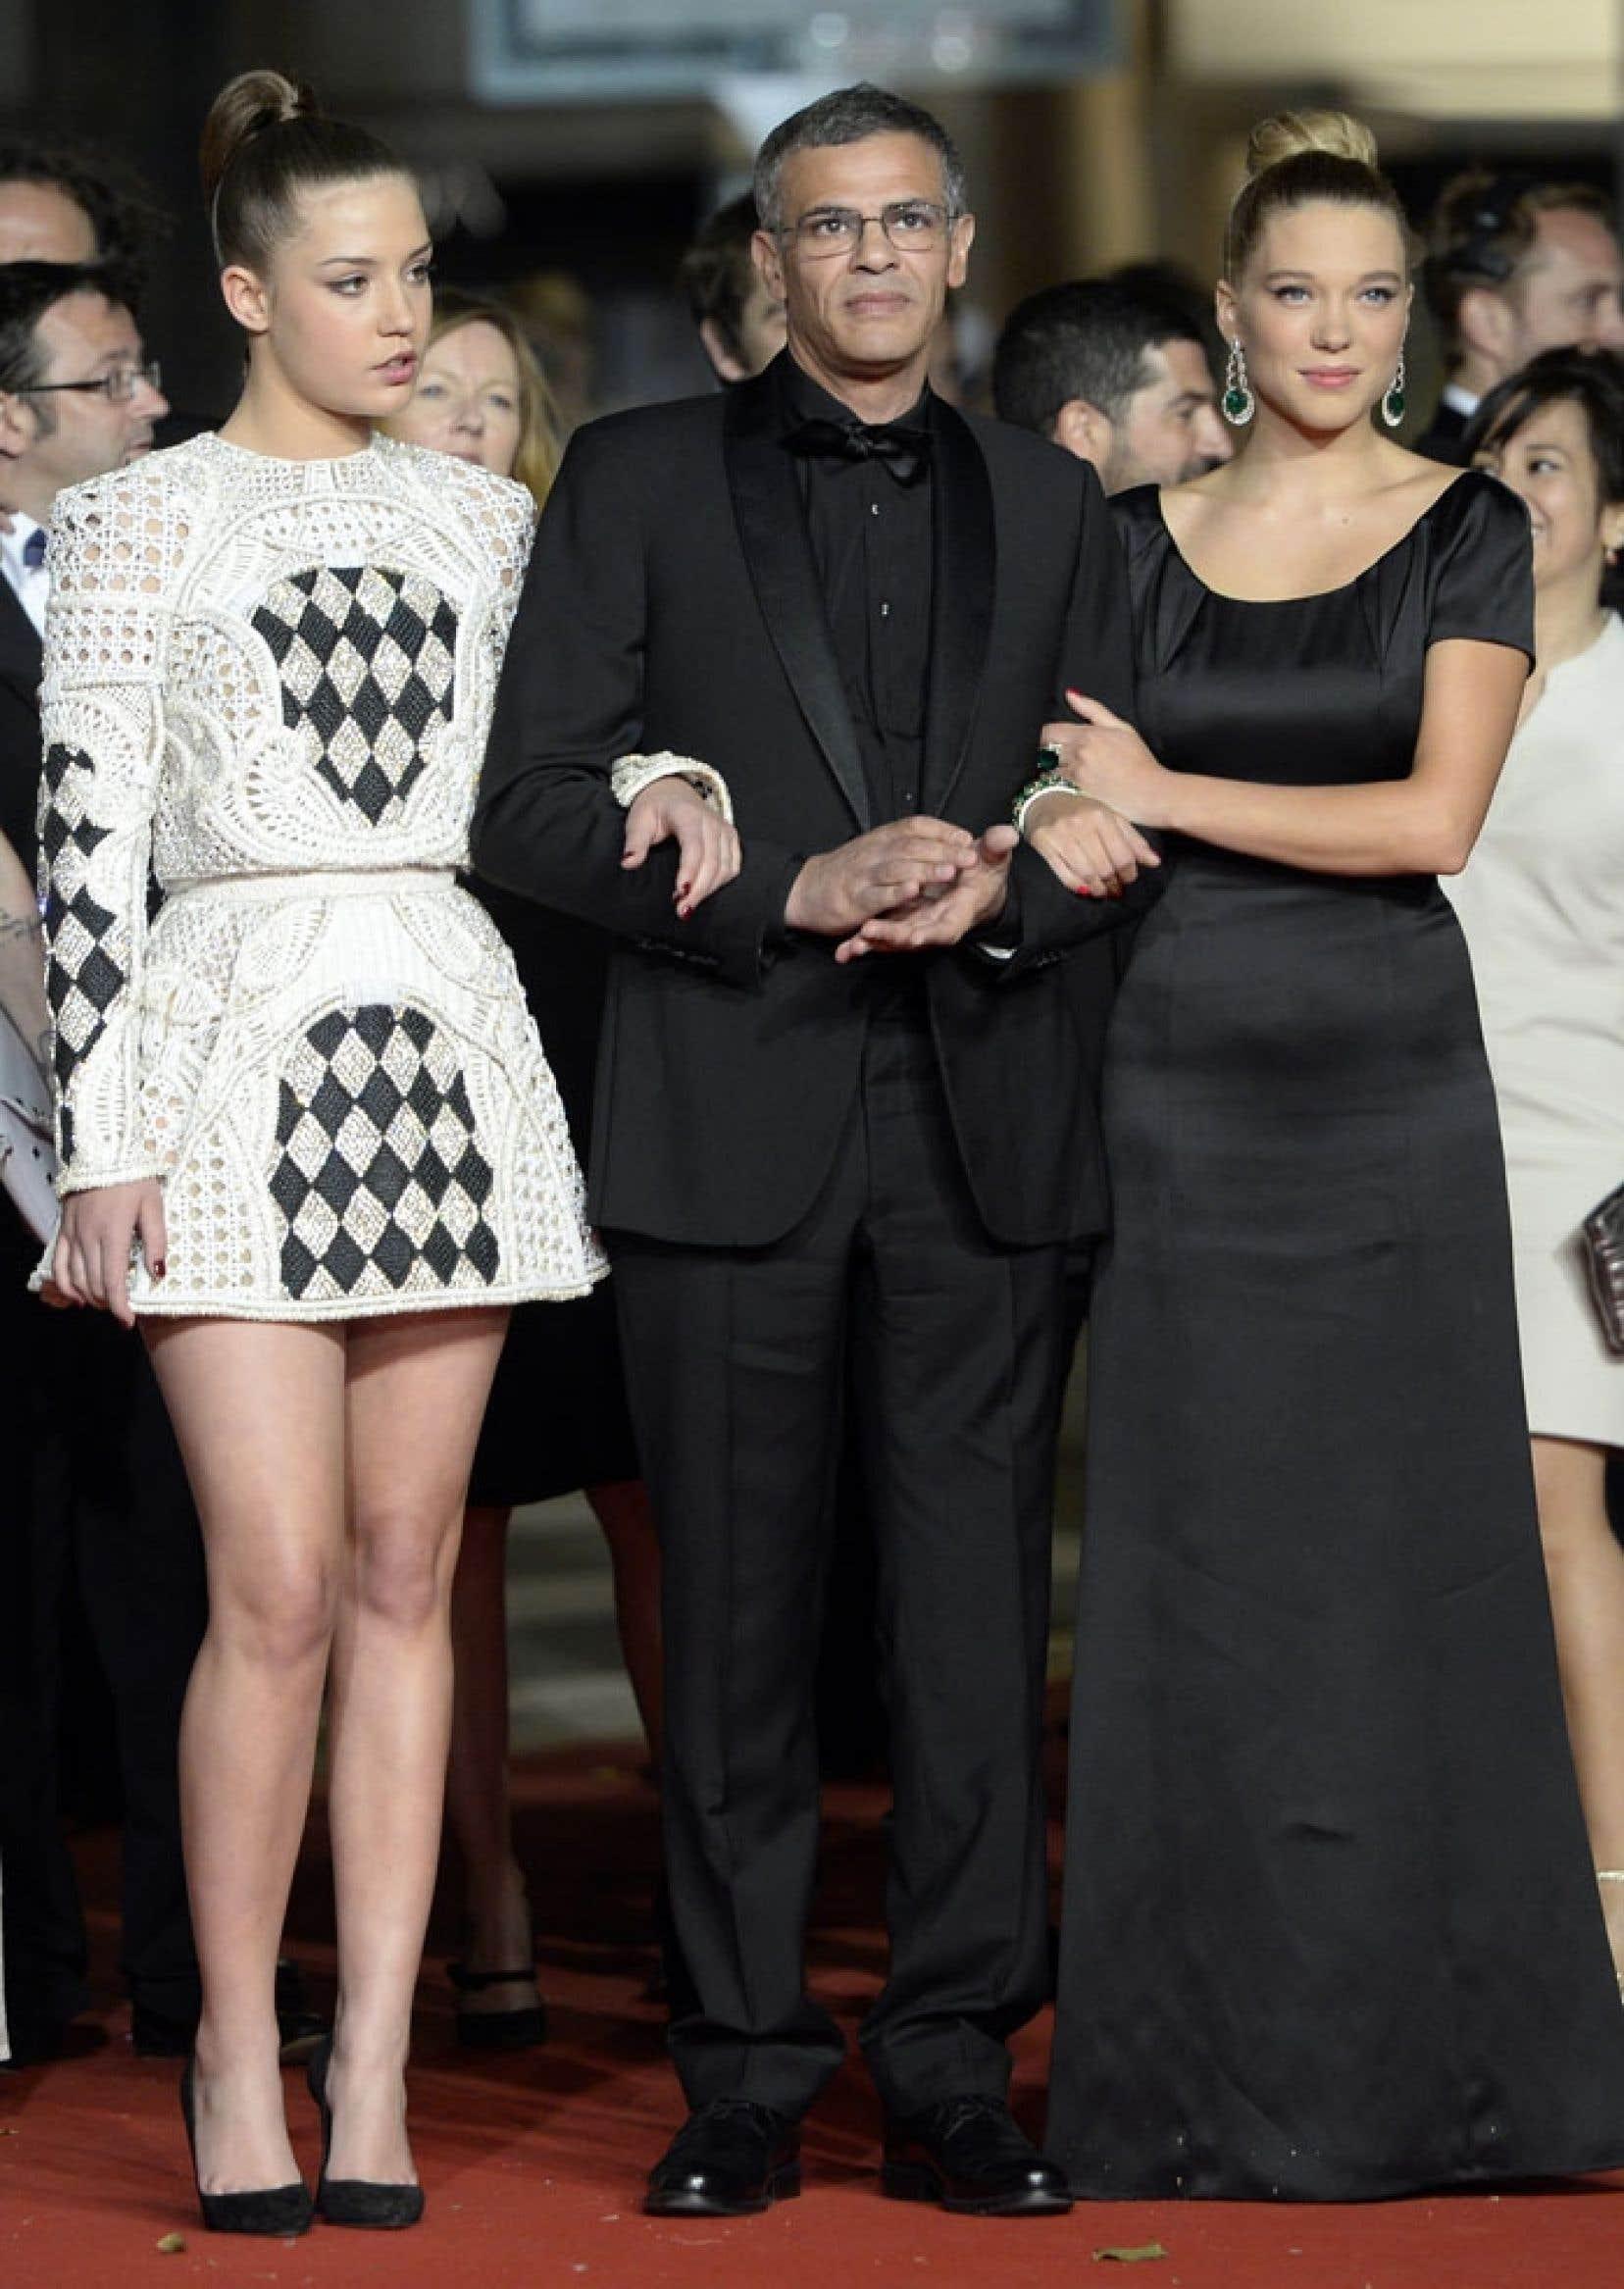 Les actrices Adèle Exarchopoulos et Léa Seydoux entourent le cinéaste Abdellatif Kechiche sur le tapis rouge cannois, avant la projection de La vie d'Adèle jeudi.